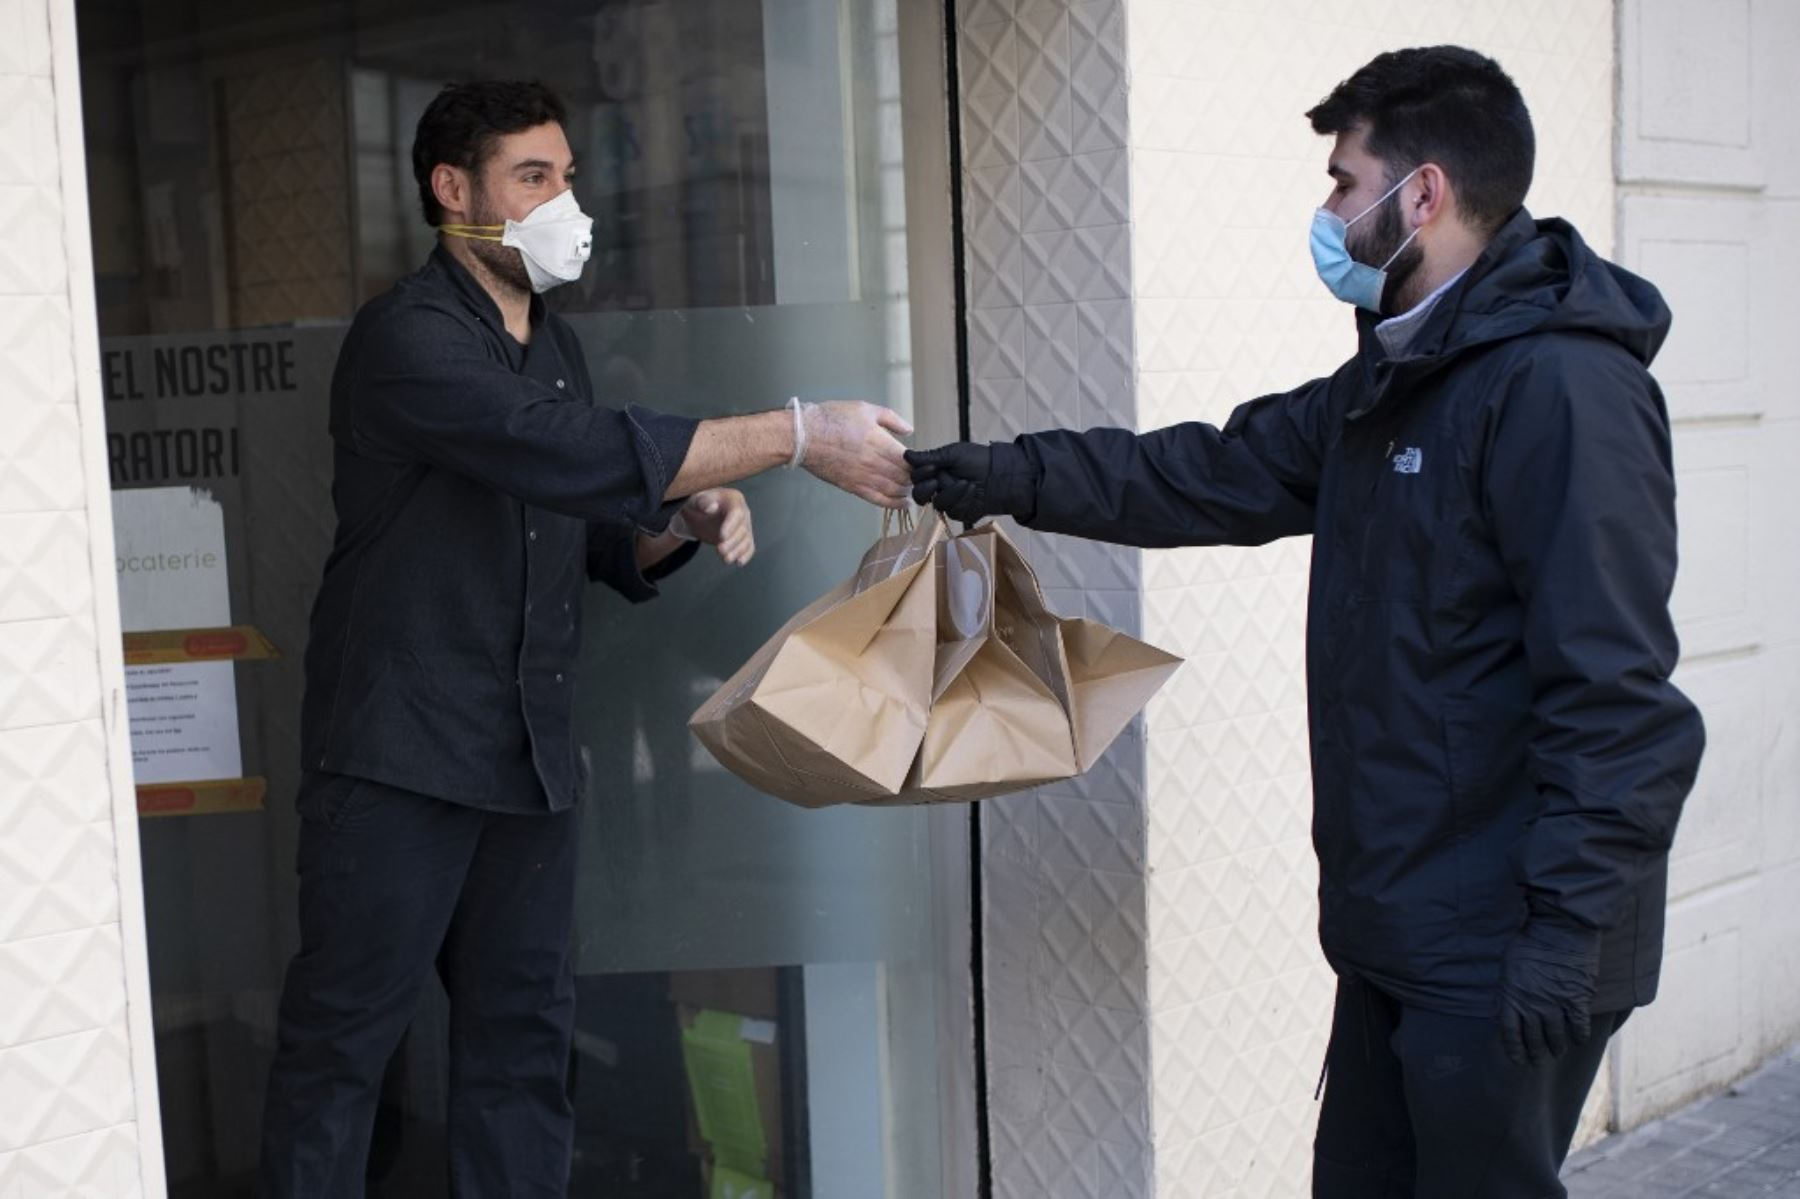 Un repartidor que trabaja para Delivery4Heroes llega a un restaurante para recoger bolsas con alimentos para el personal sanitario que se enfrenta al nuevo coronavirus en Barcelona. Foto: AFP